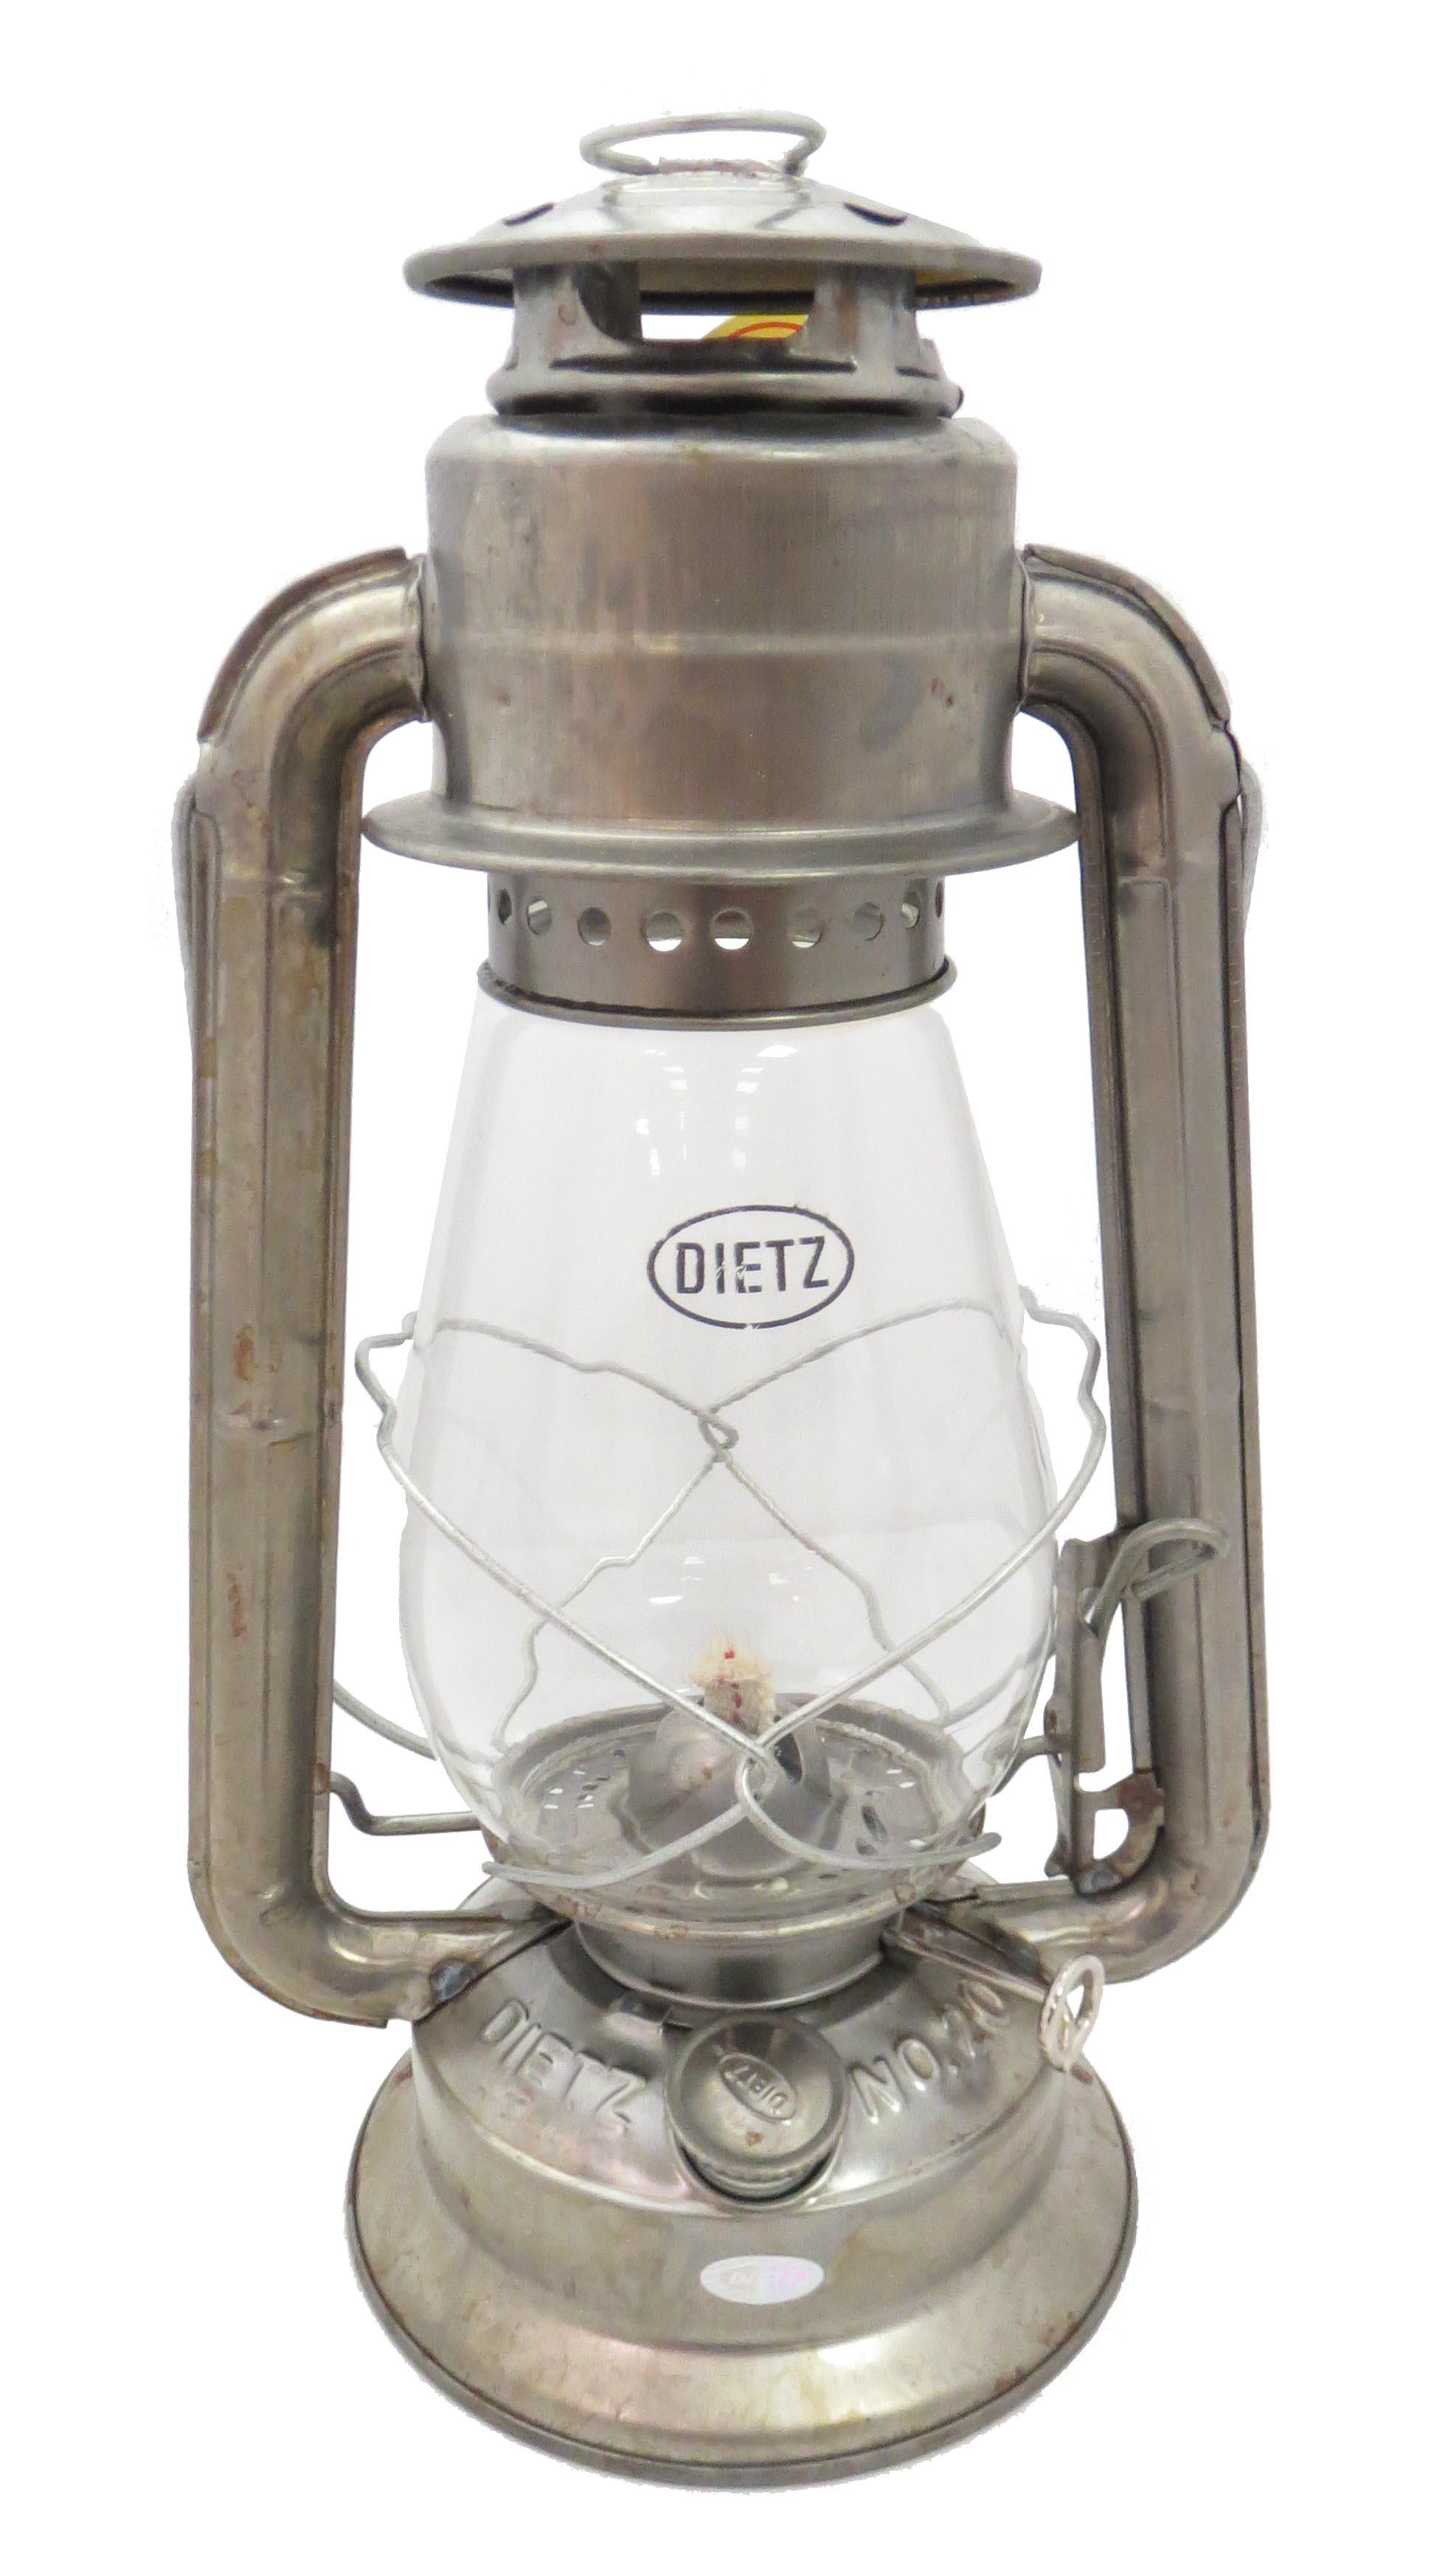 Unfinished Dietz Brand 20 Junior Lantern 69864 B Amp P Lamp